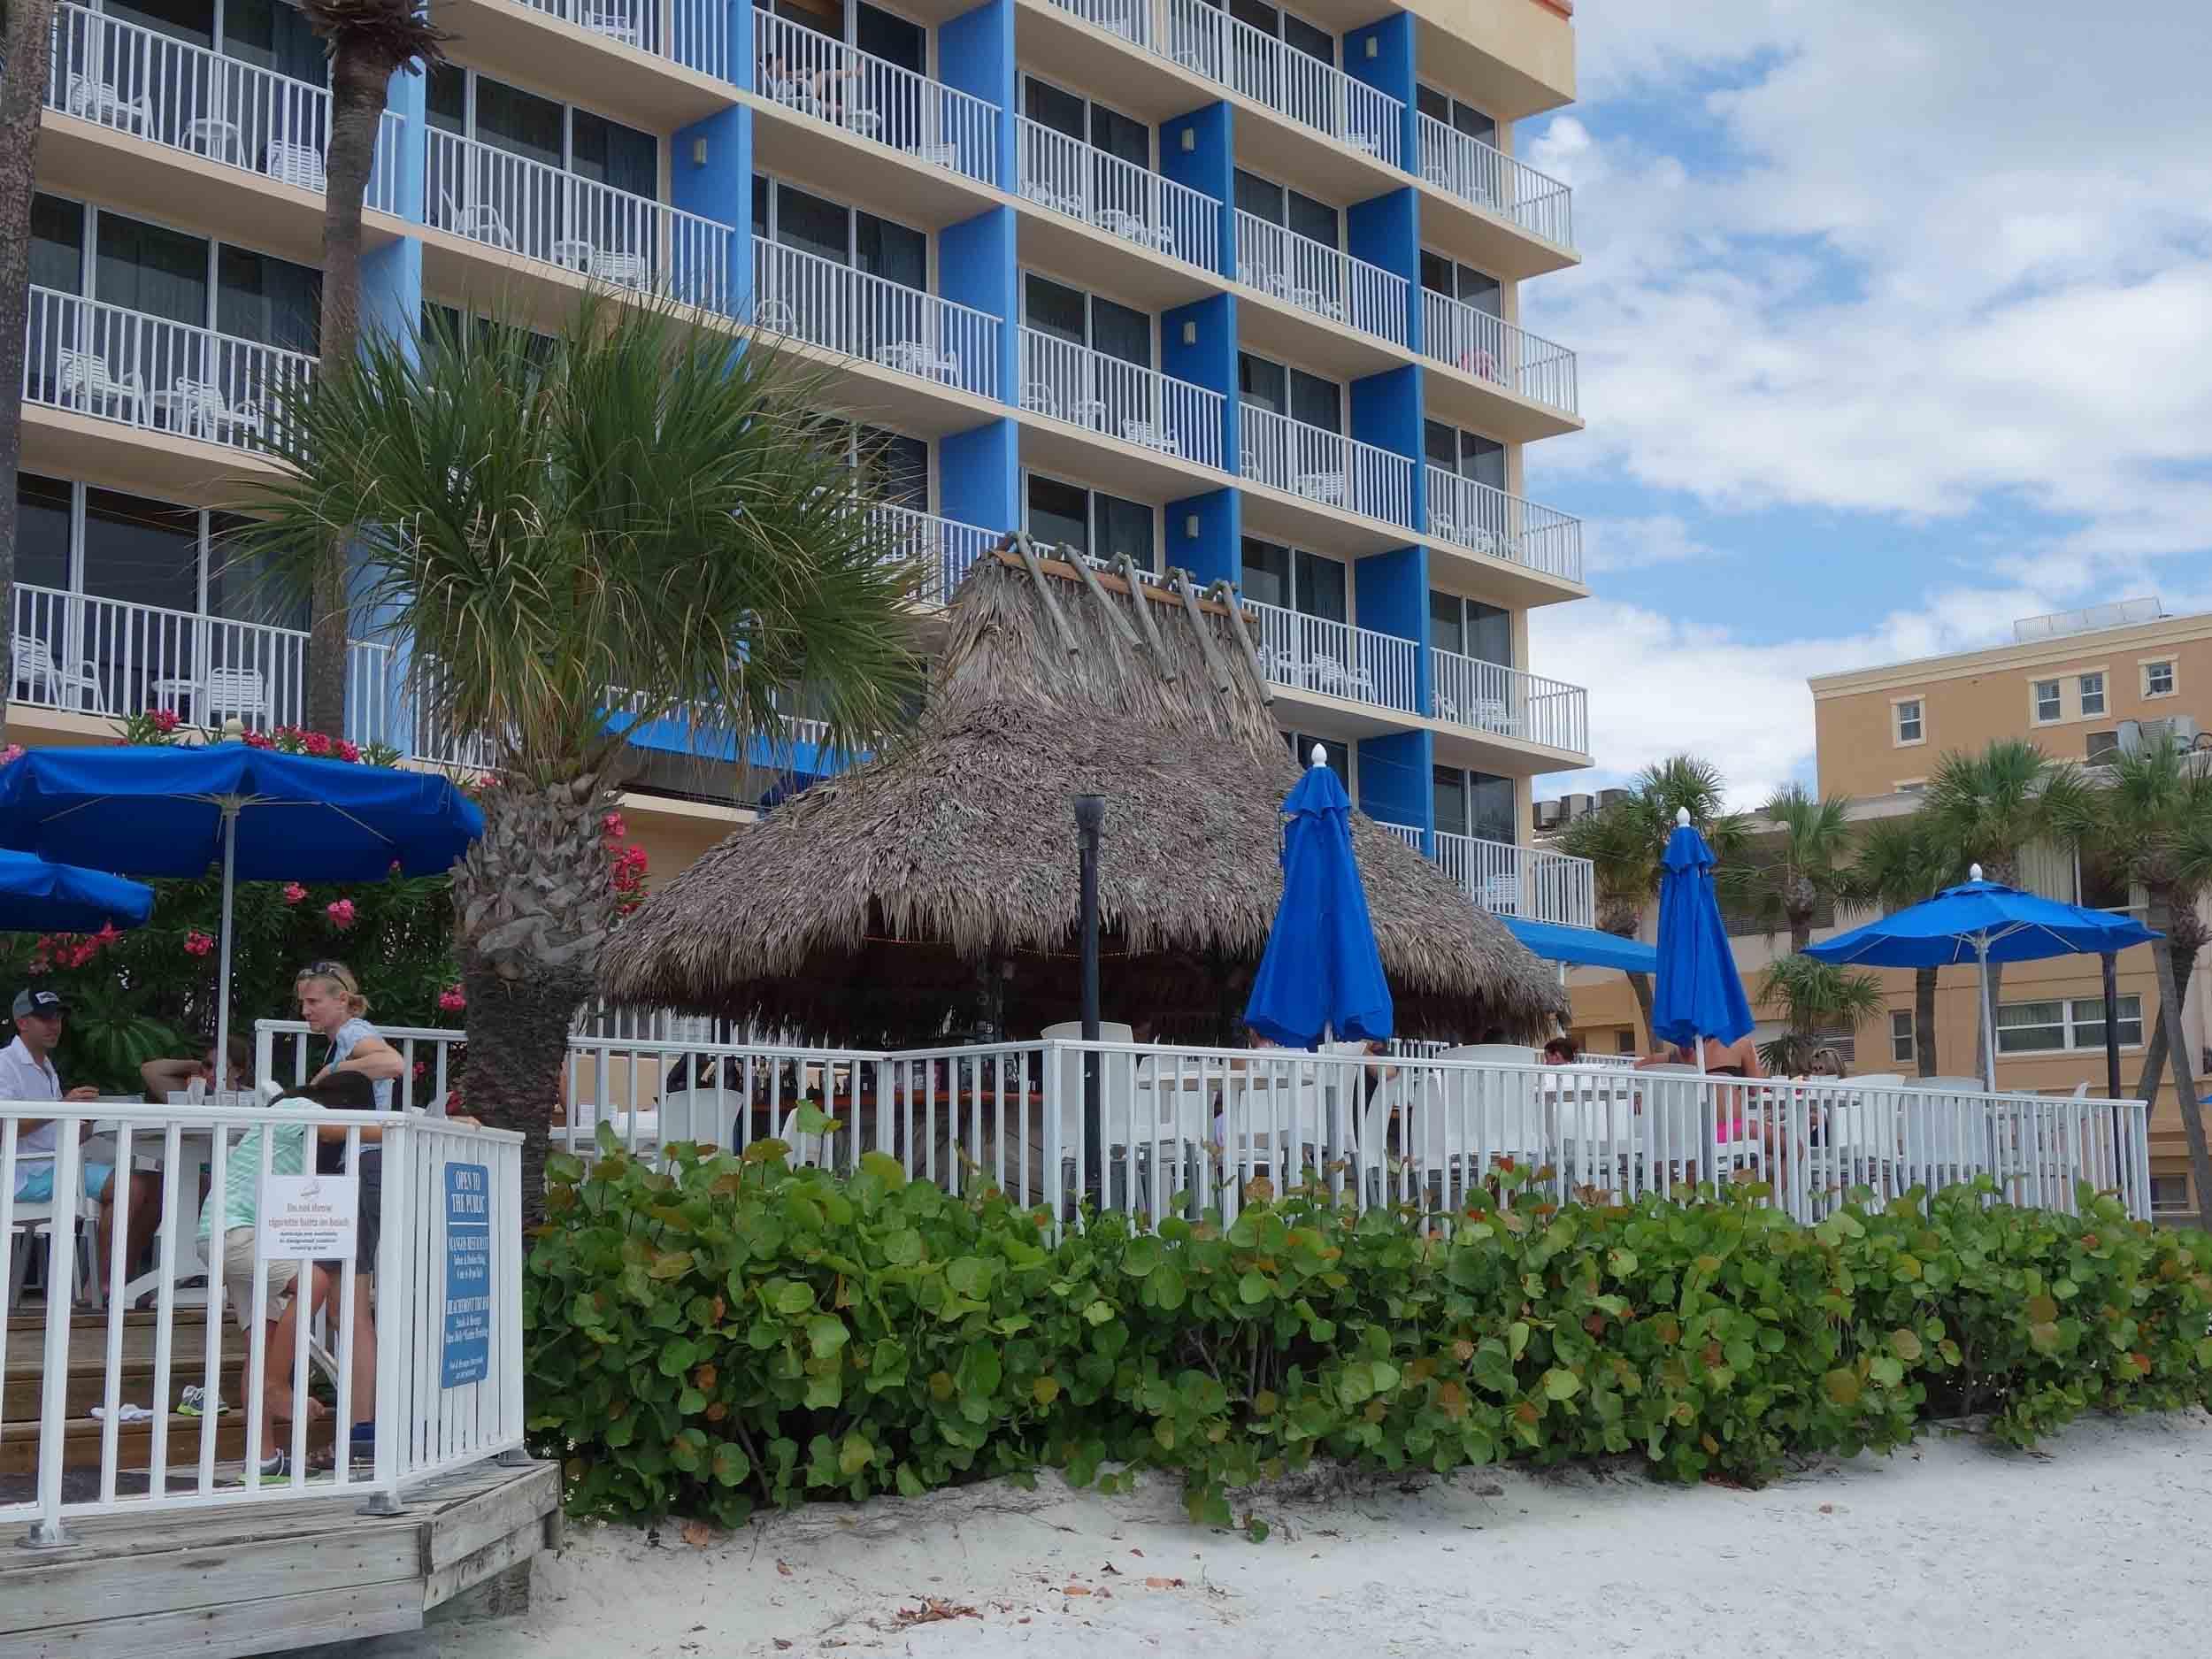 Mangos Restaurant and Tiki Bar Exterior